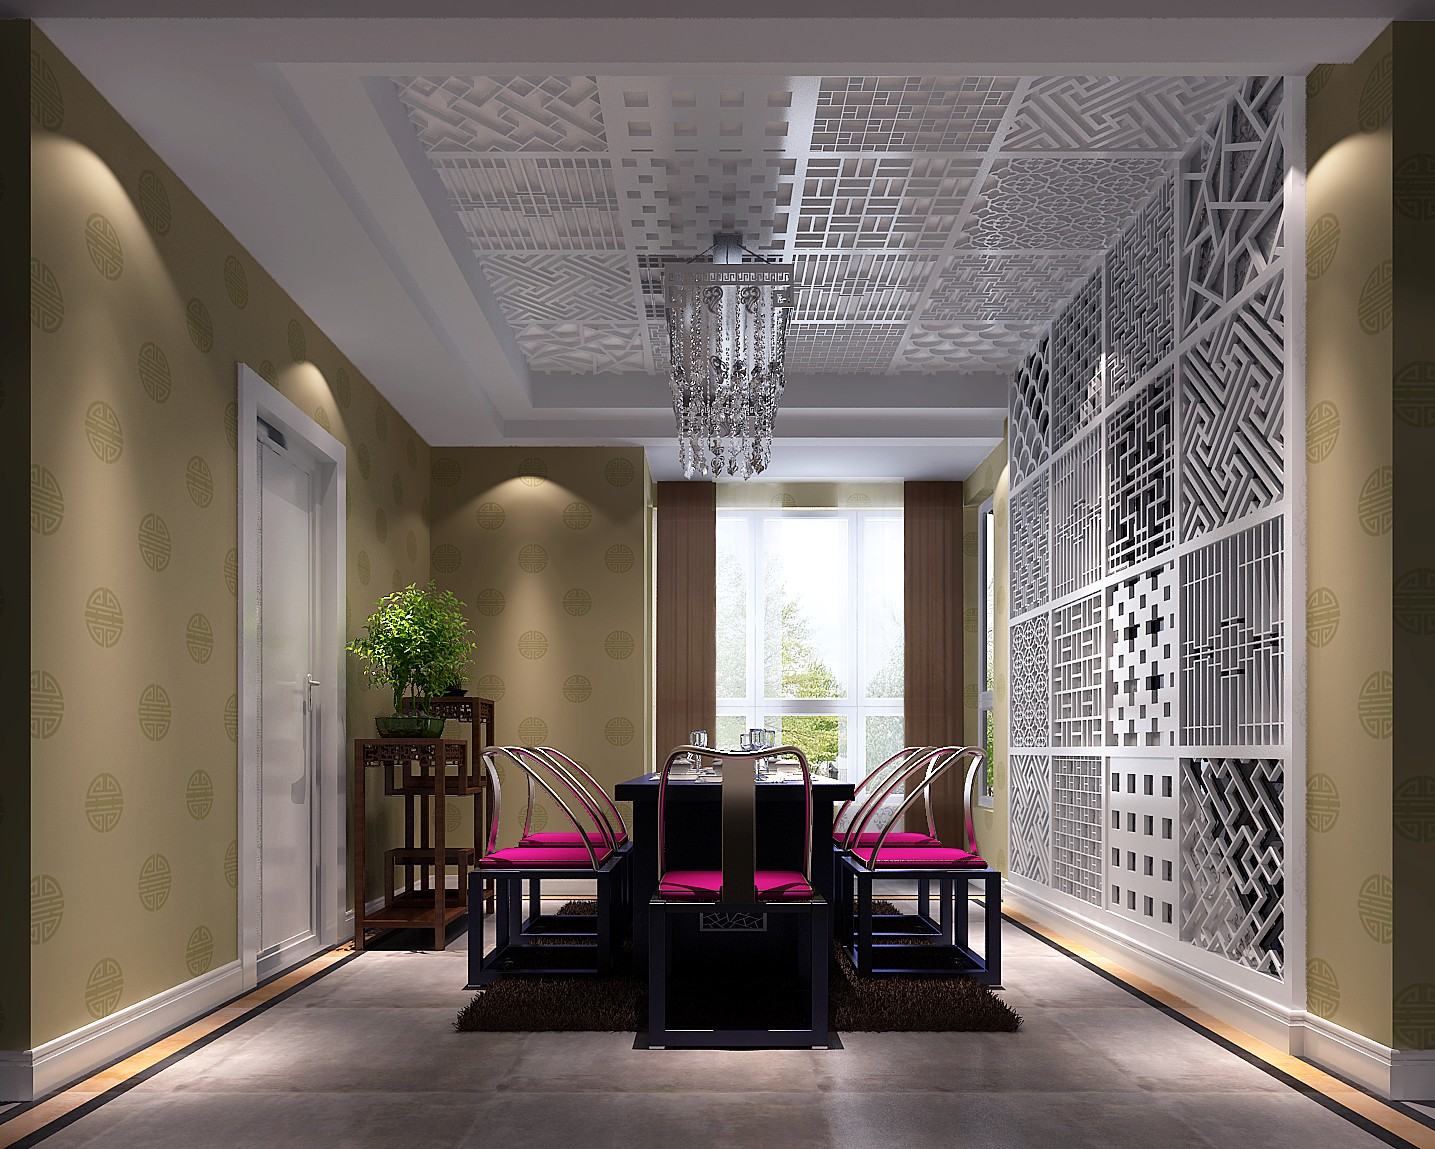 高度国际 御翠尚府 混搭 公寓 餐厅图片来自高度国际在高度国际-御翠尚府的分享